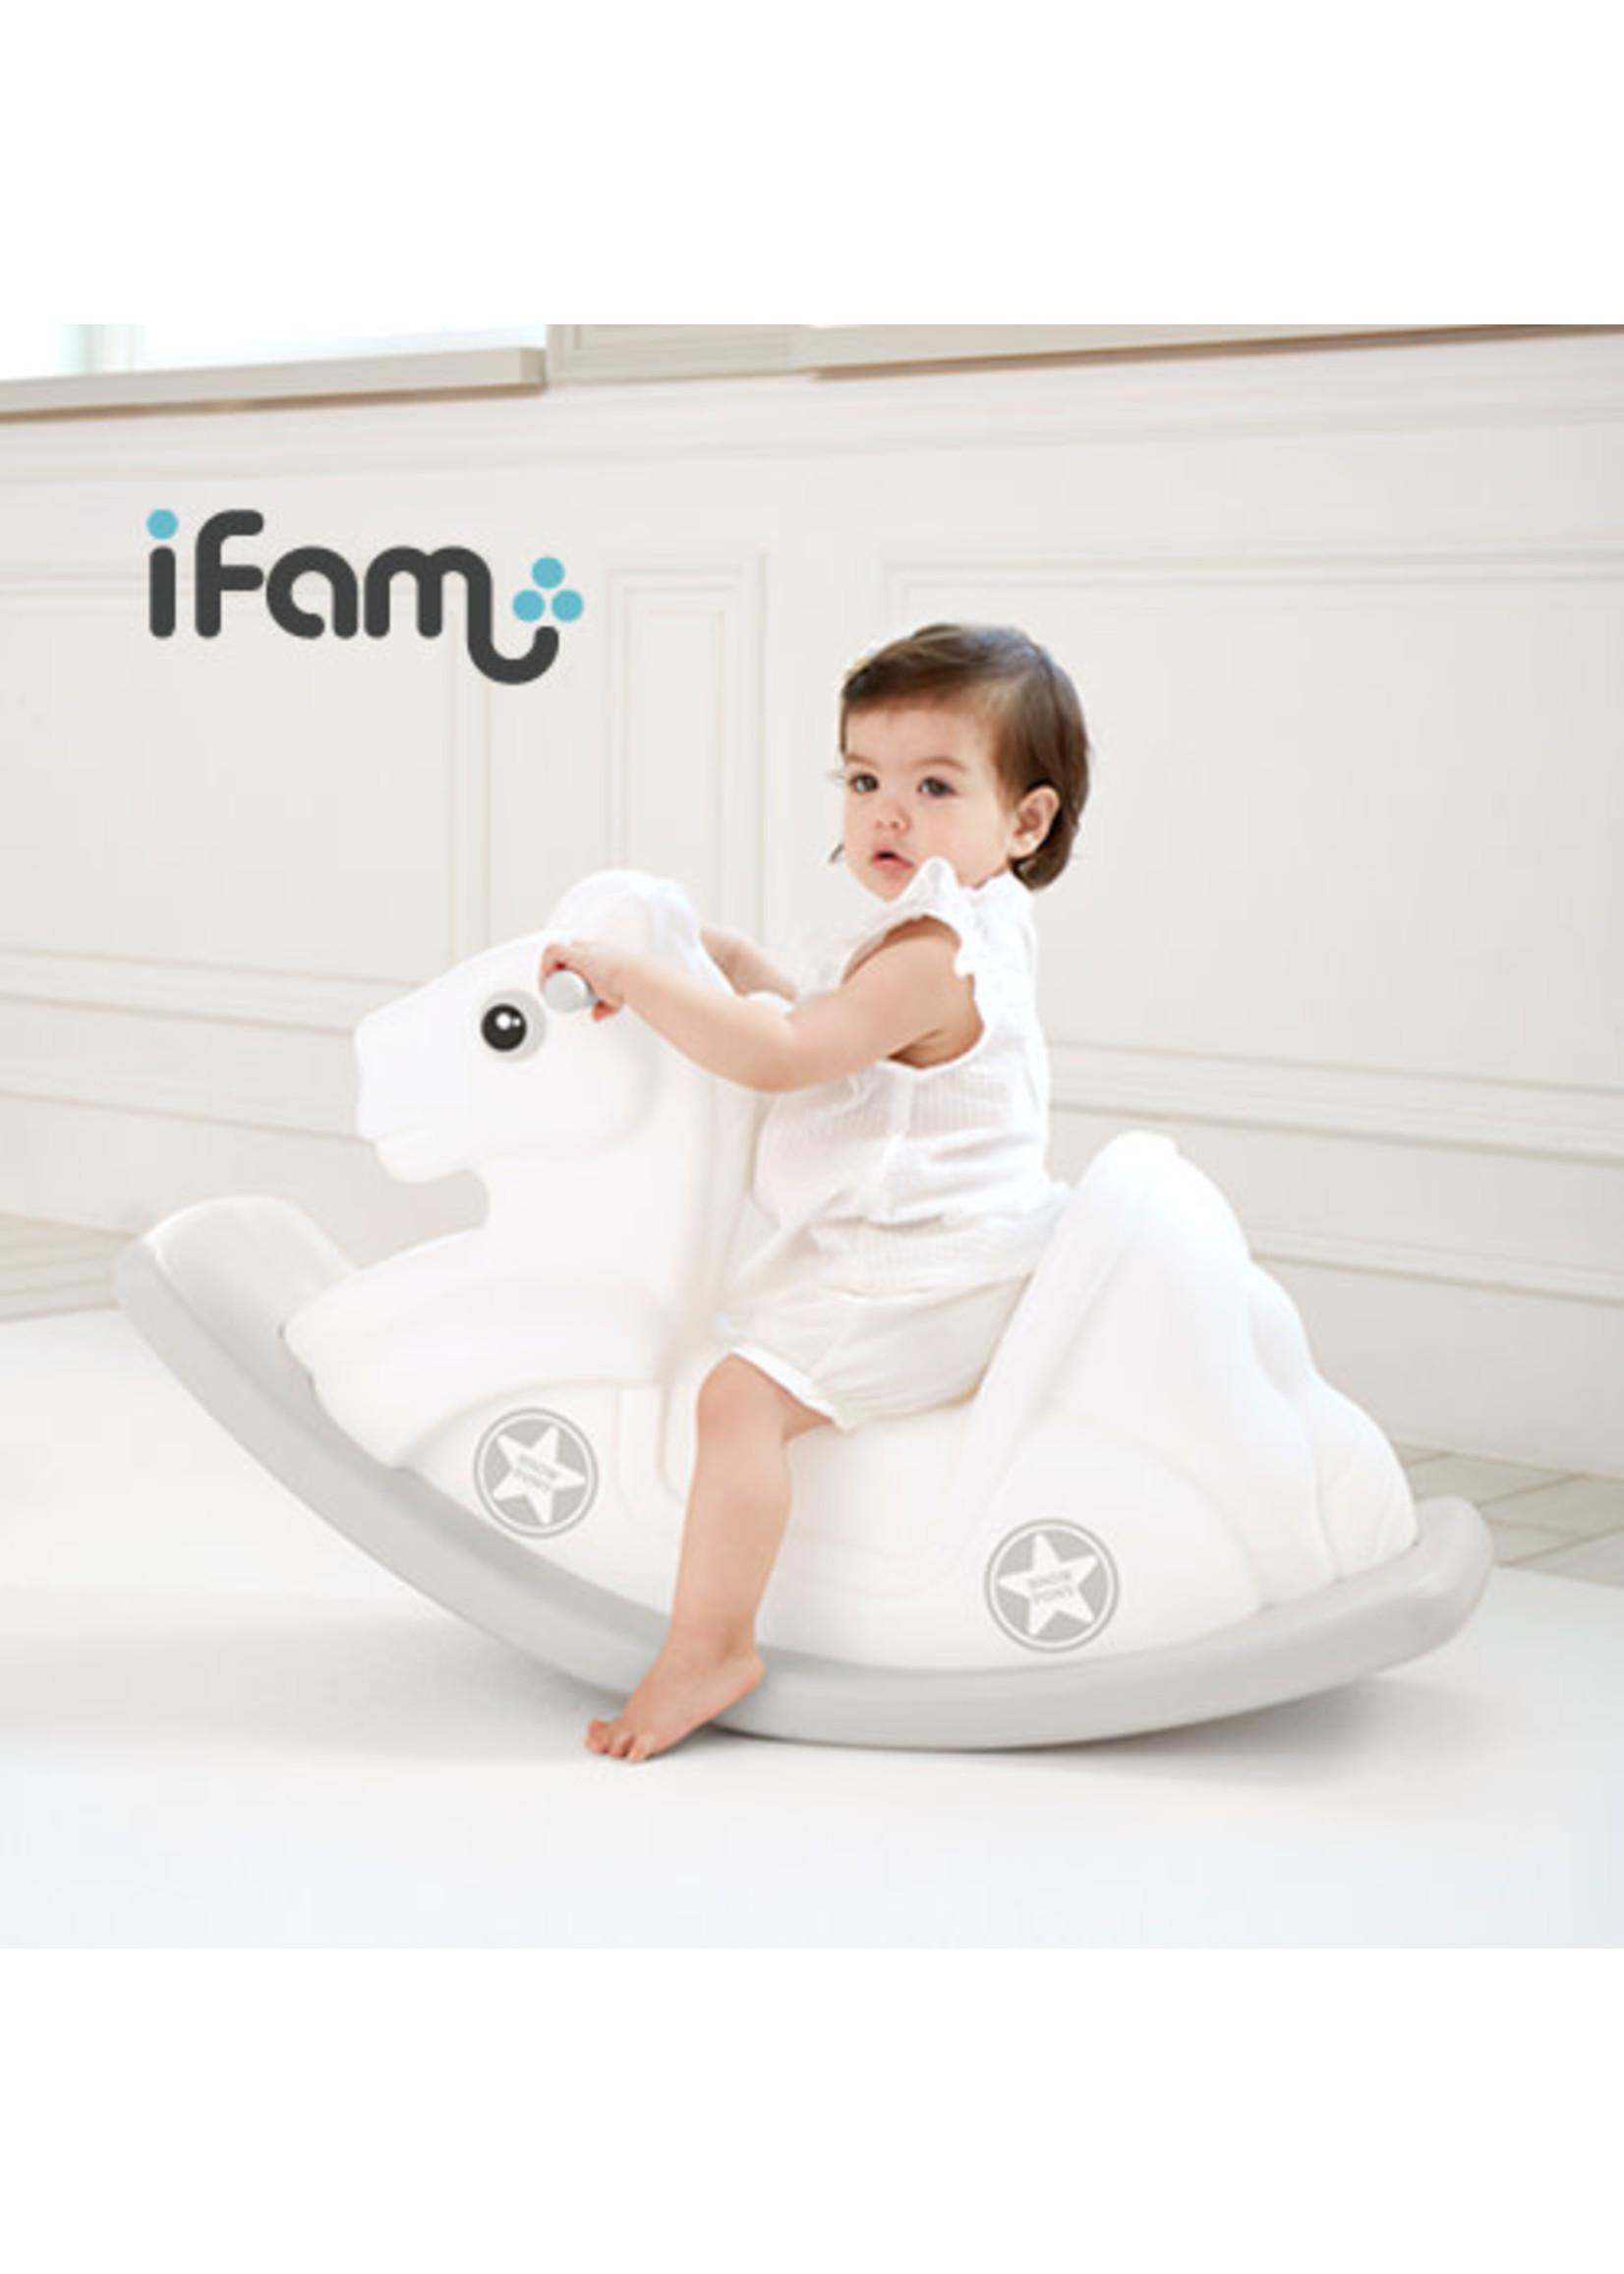 ifam ifam Rocking Horse